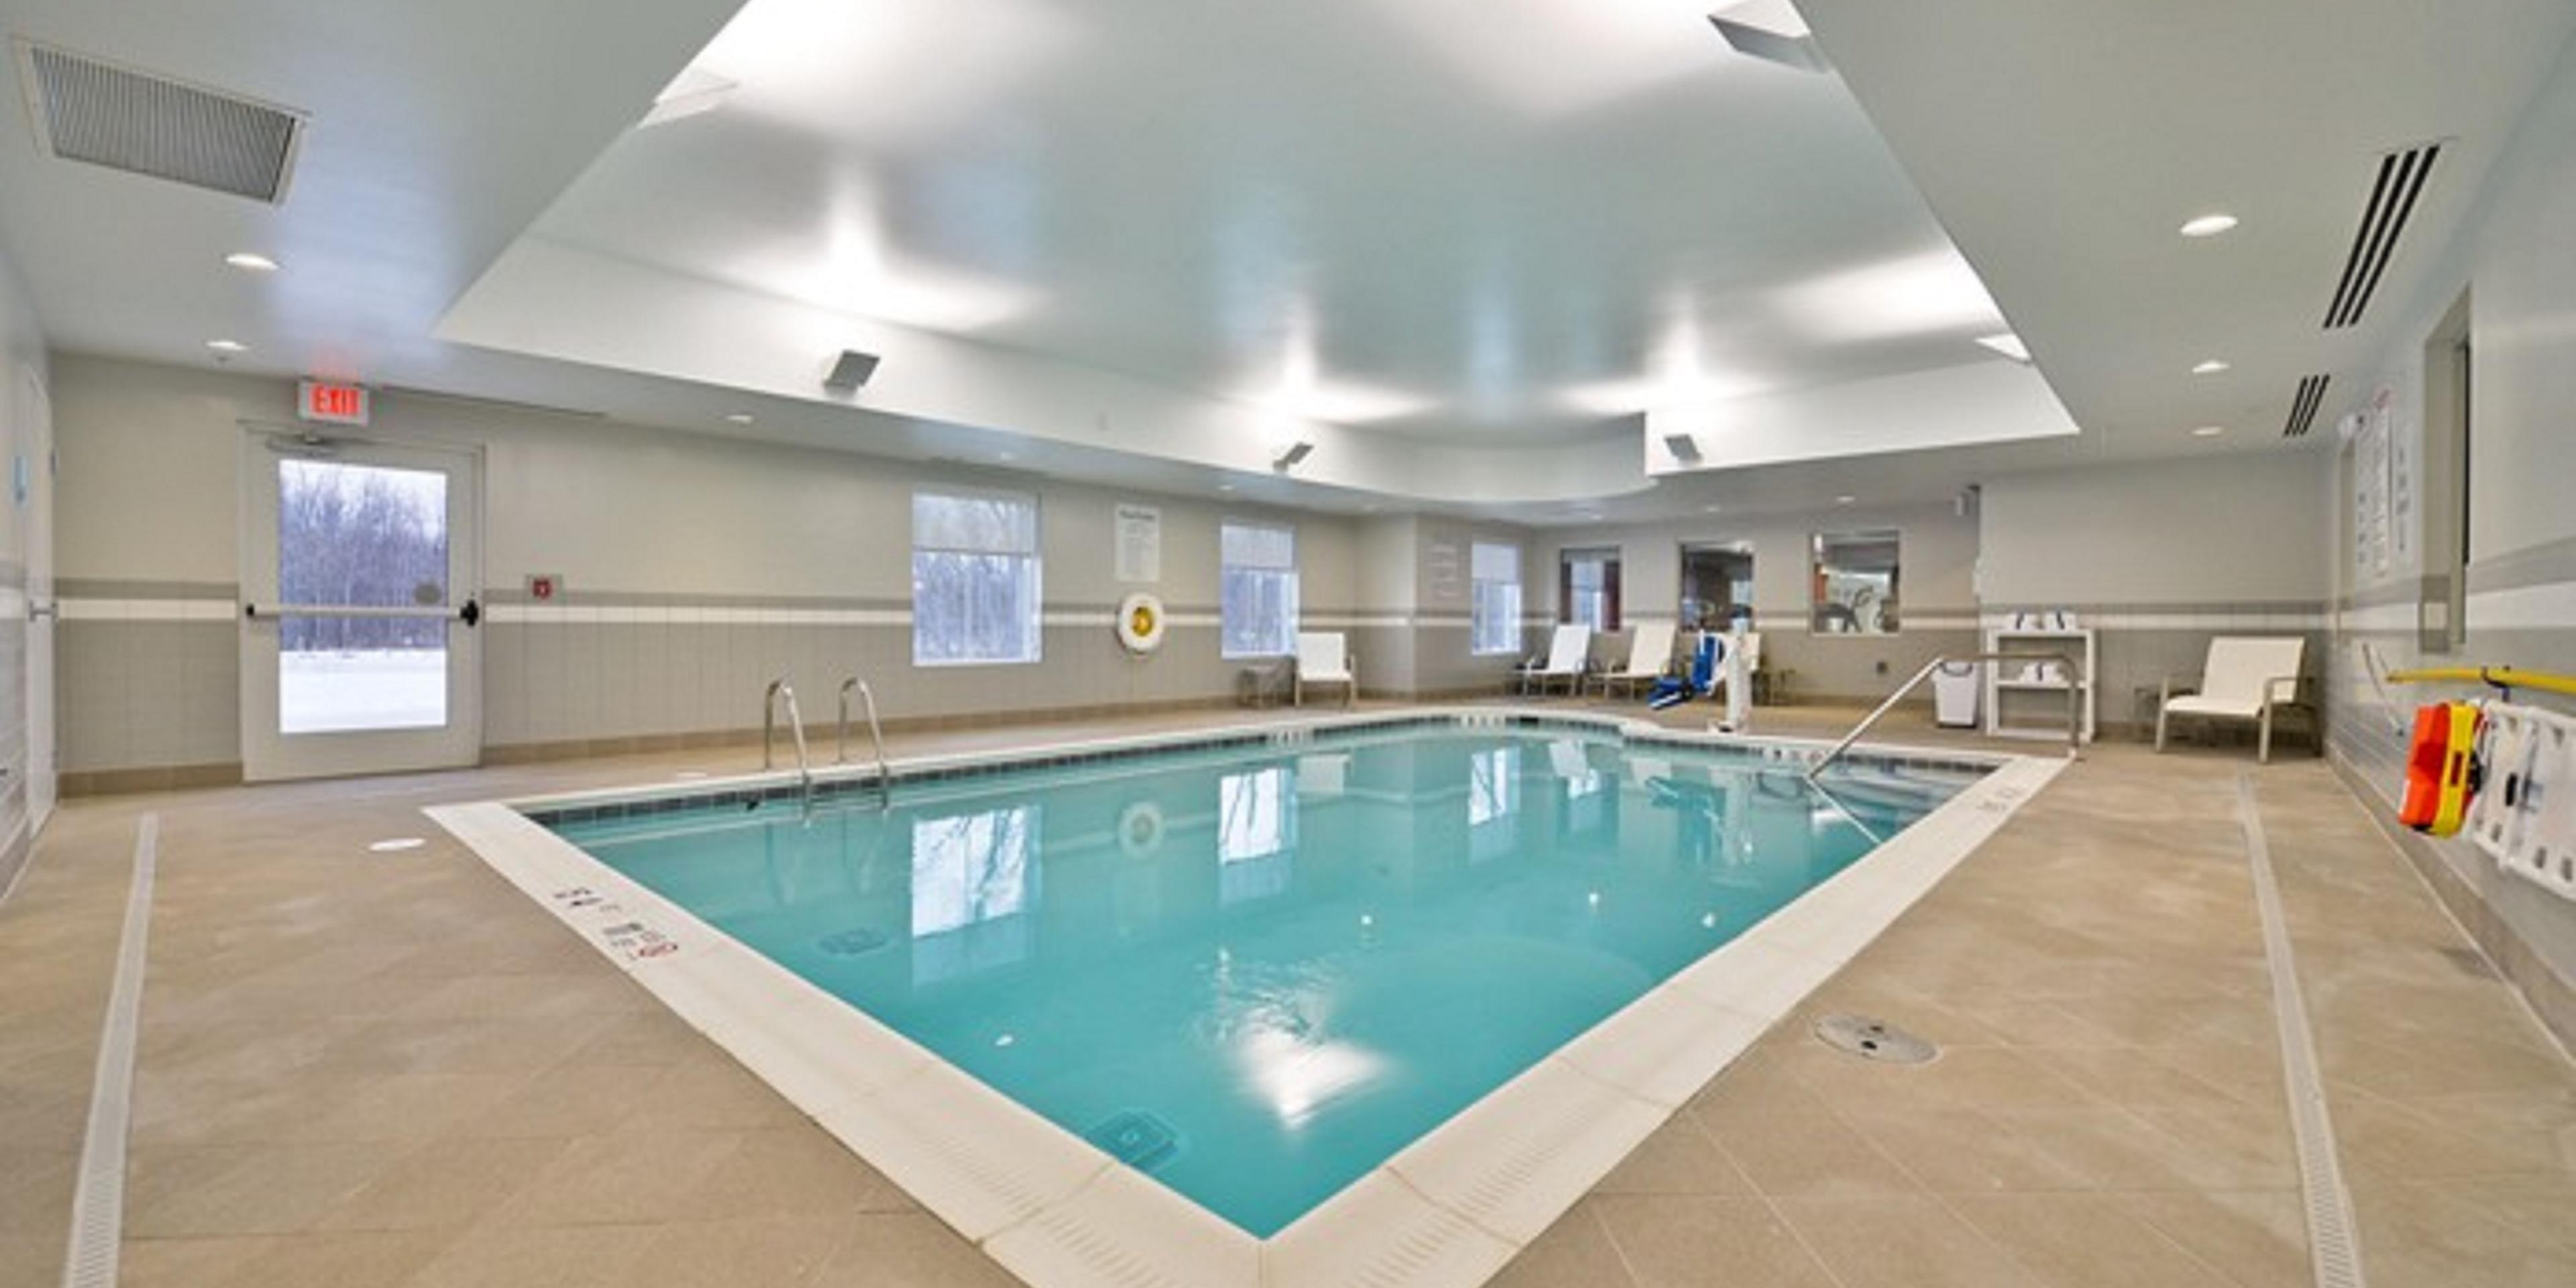 Finger Lakes Hotel Canadaigua, NY - Holiday Inn Express Canandaigua